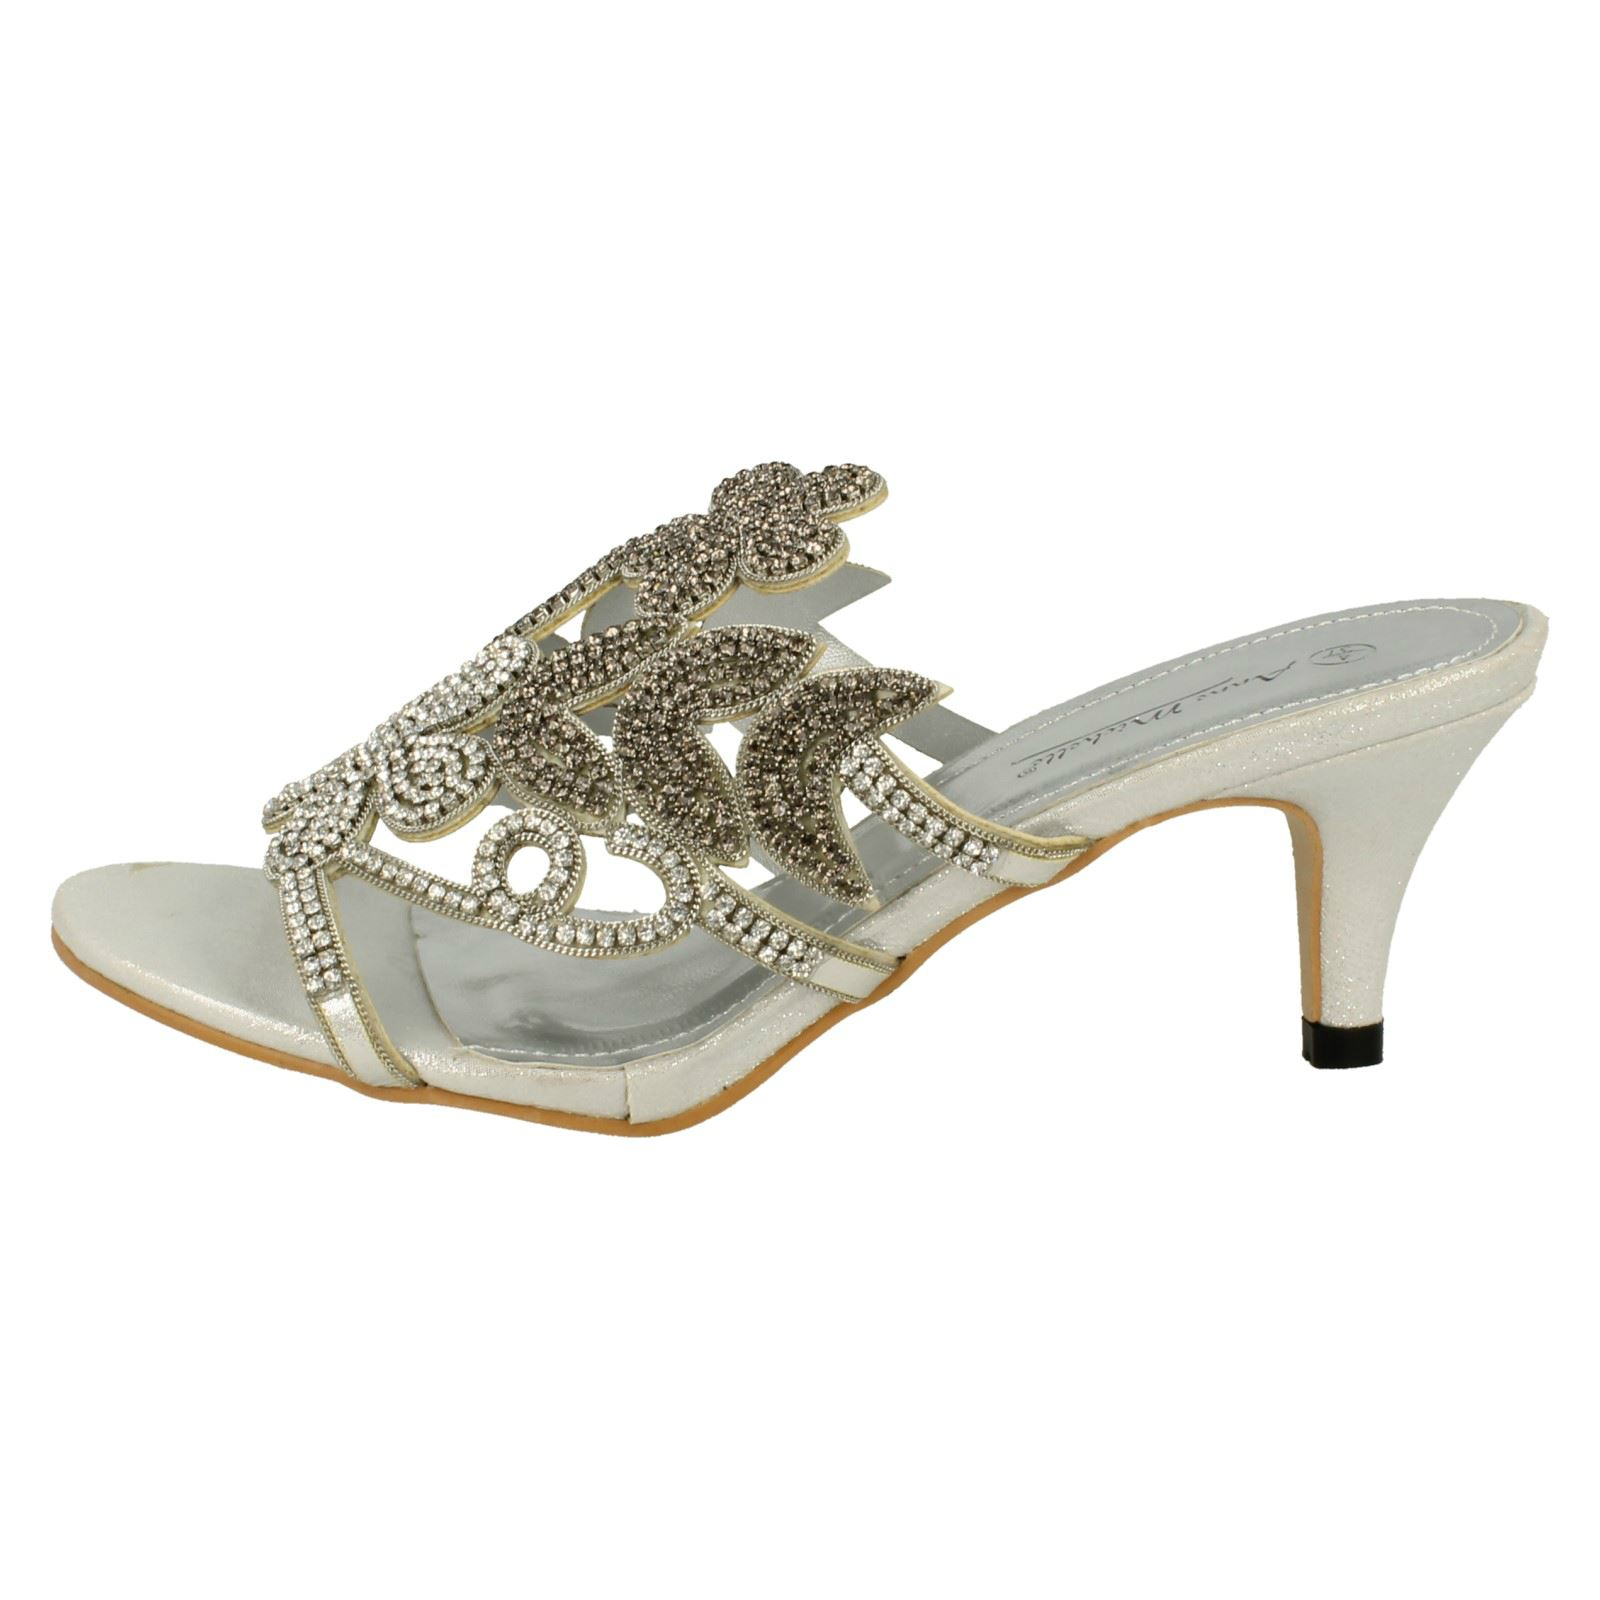 Ladies Anne Michelle Low Heels